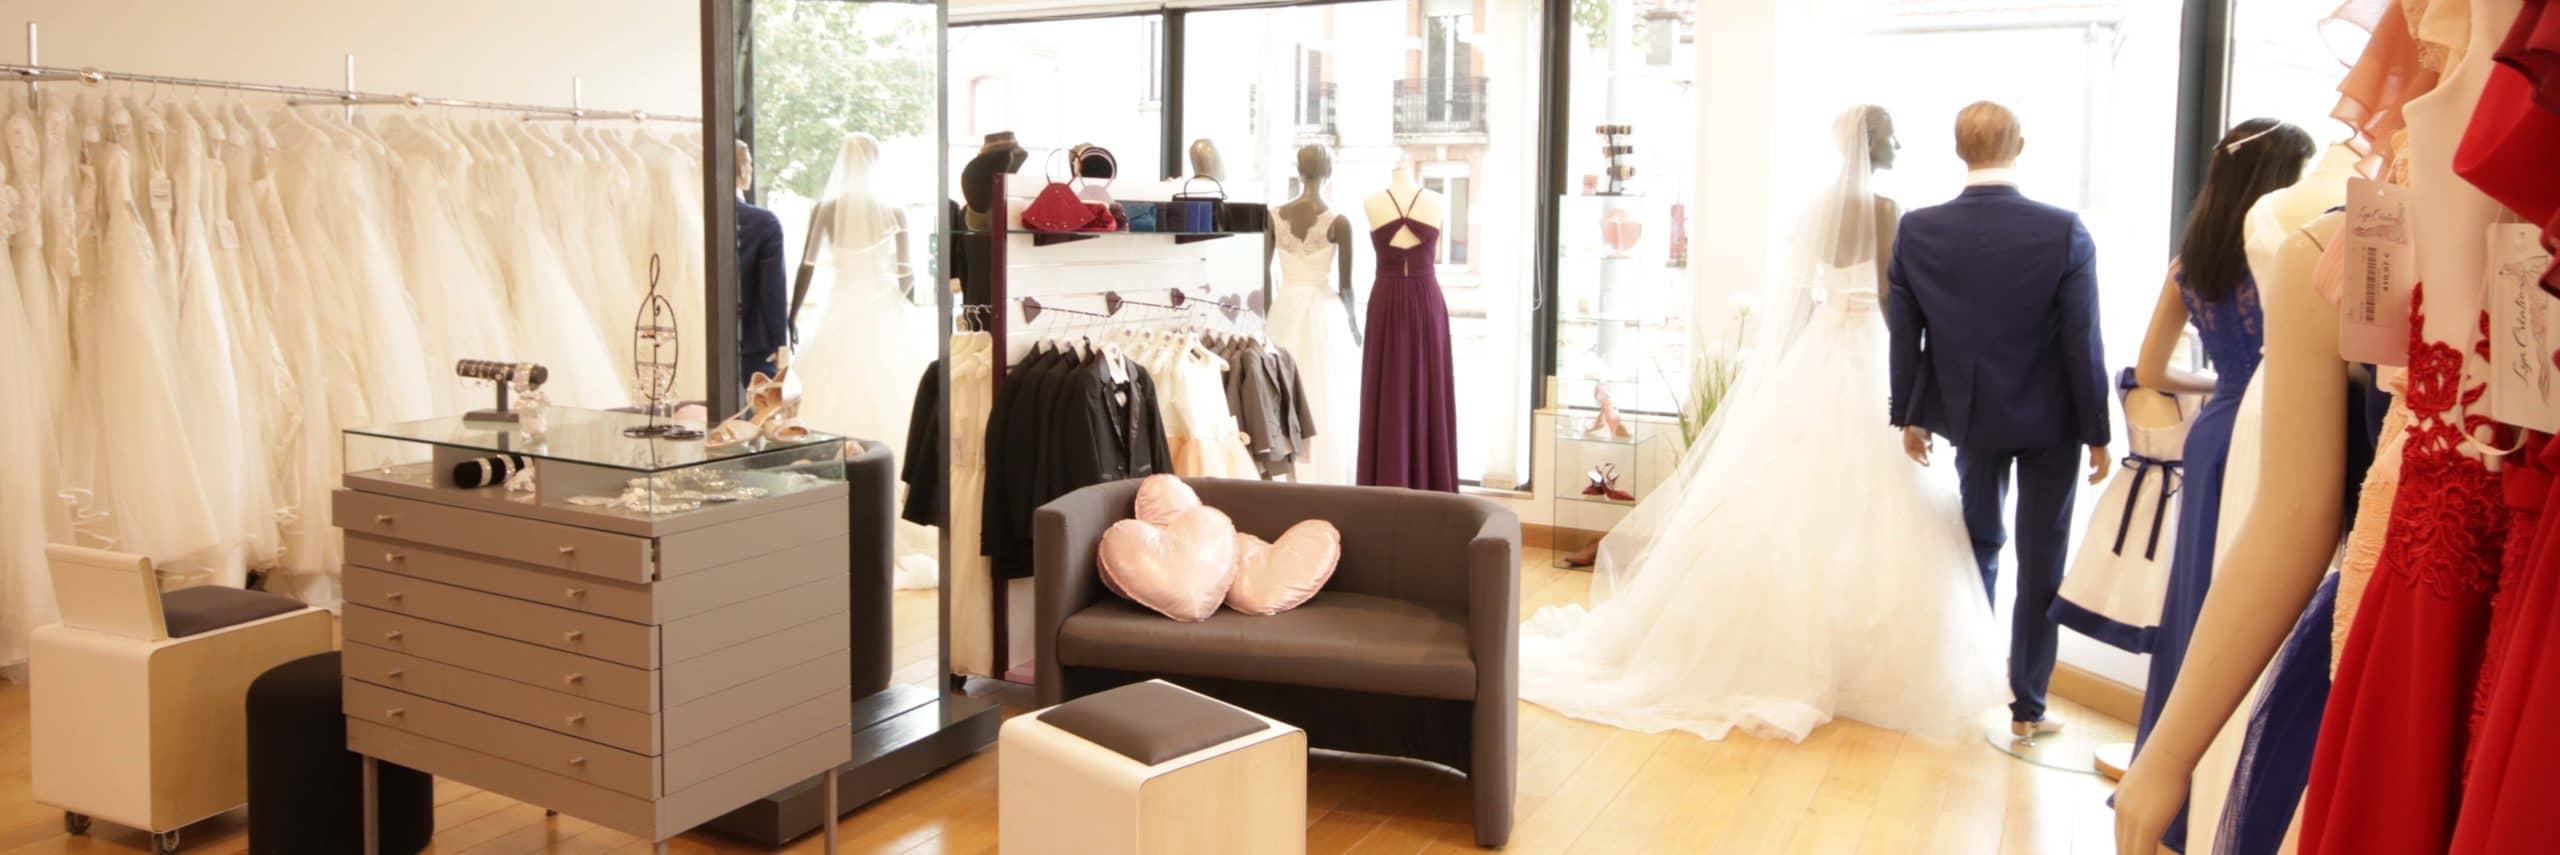 Photo de la boutique Lya Création et vitrine